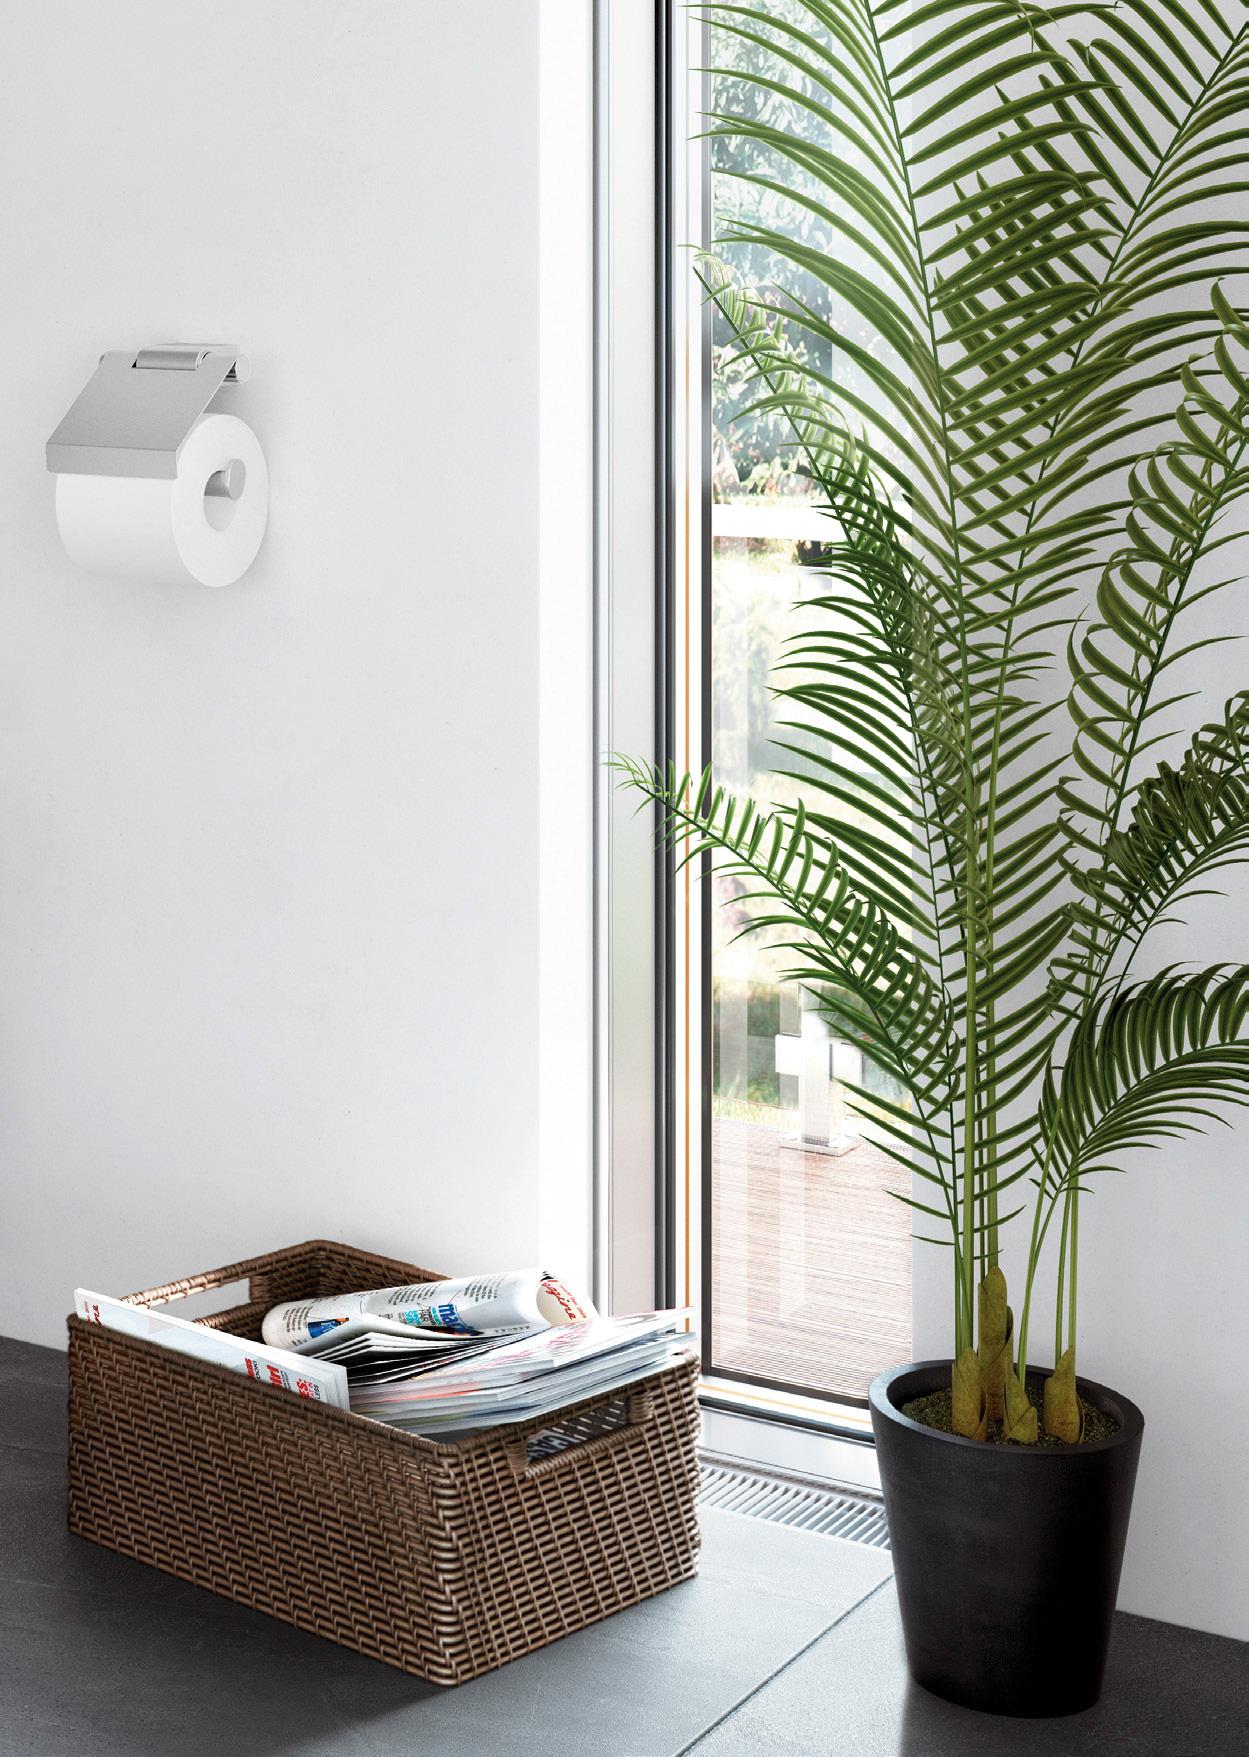 Atore collectie van Zack bestaat uit o.a. een design wc-rolhouder.